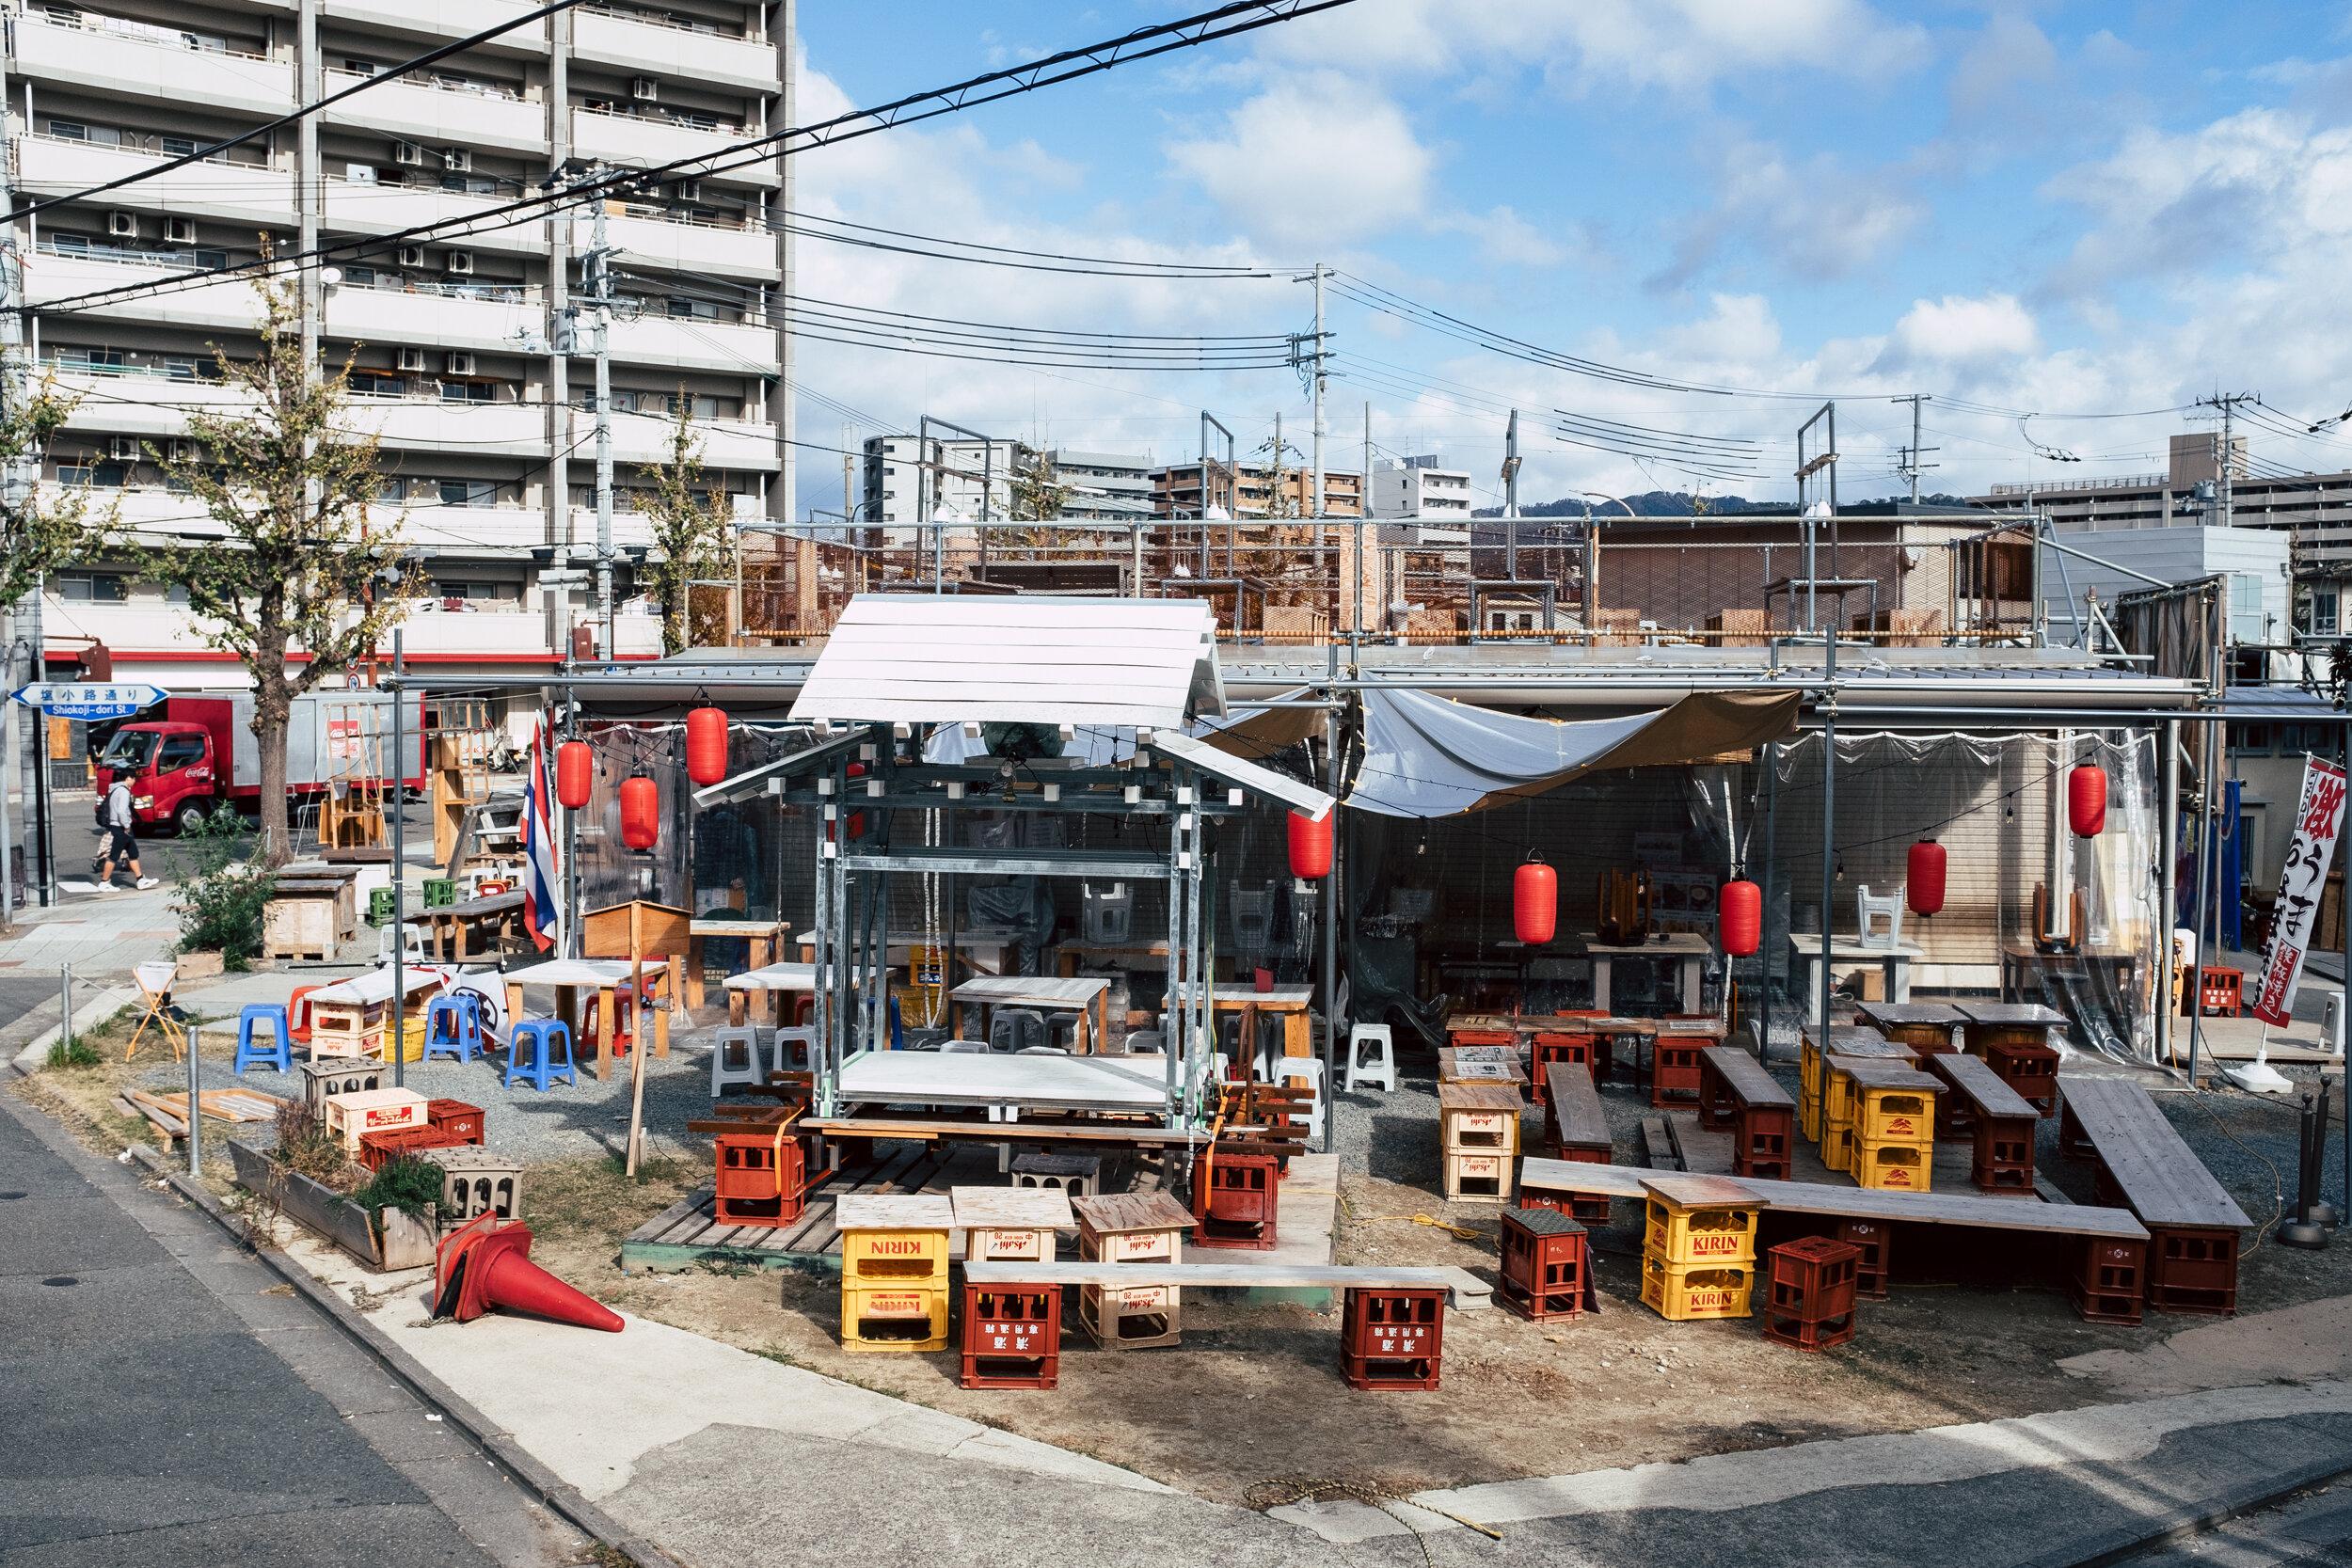 OLIVER_HOLMS_JAPAN_NOV_2018_DSCF3005.jpg